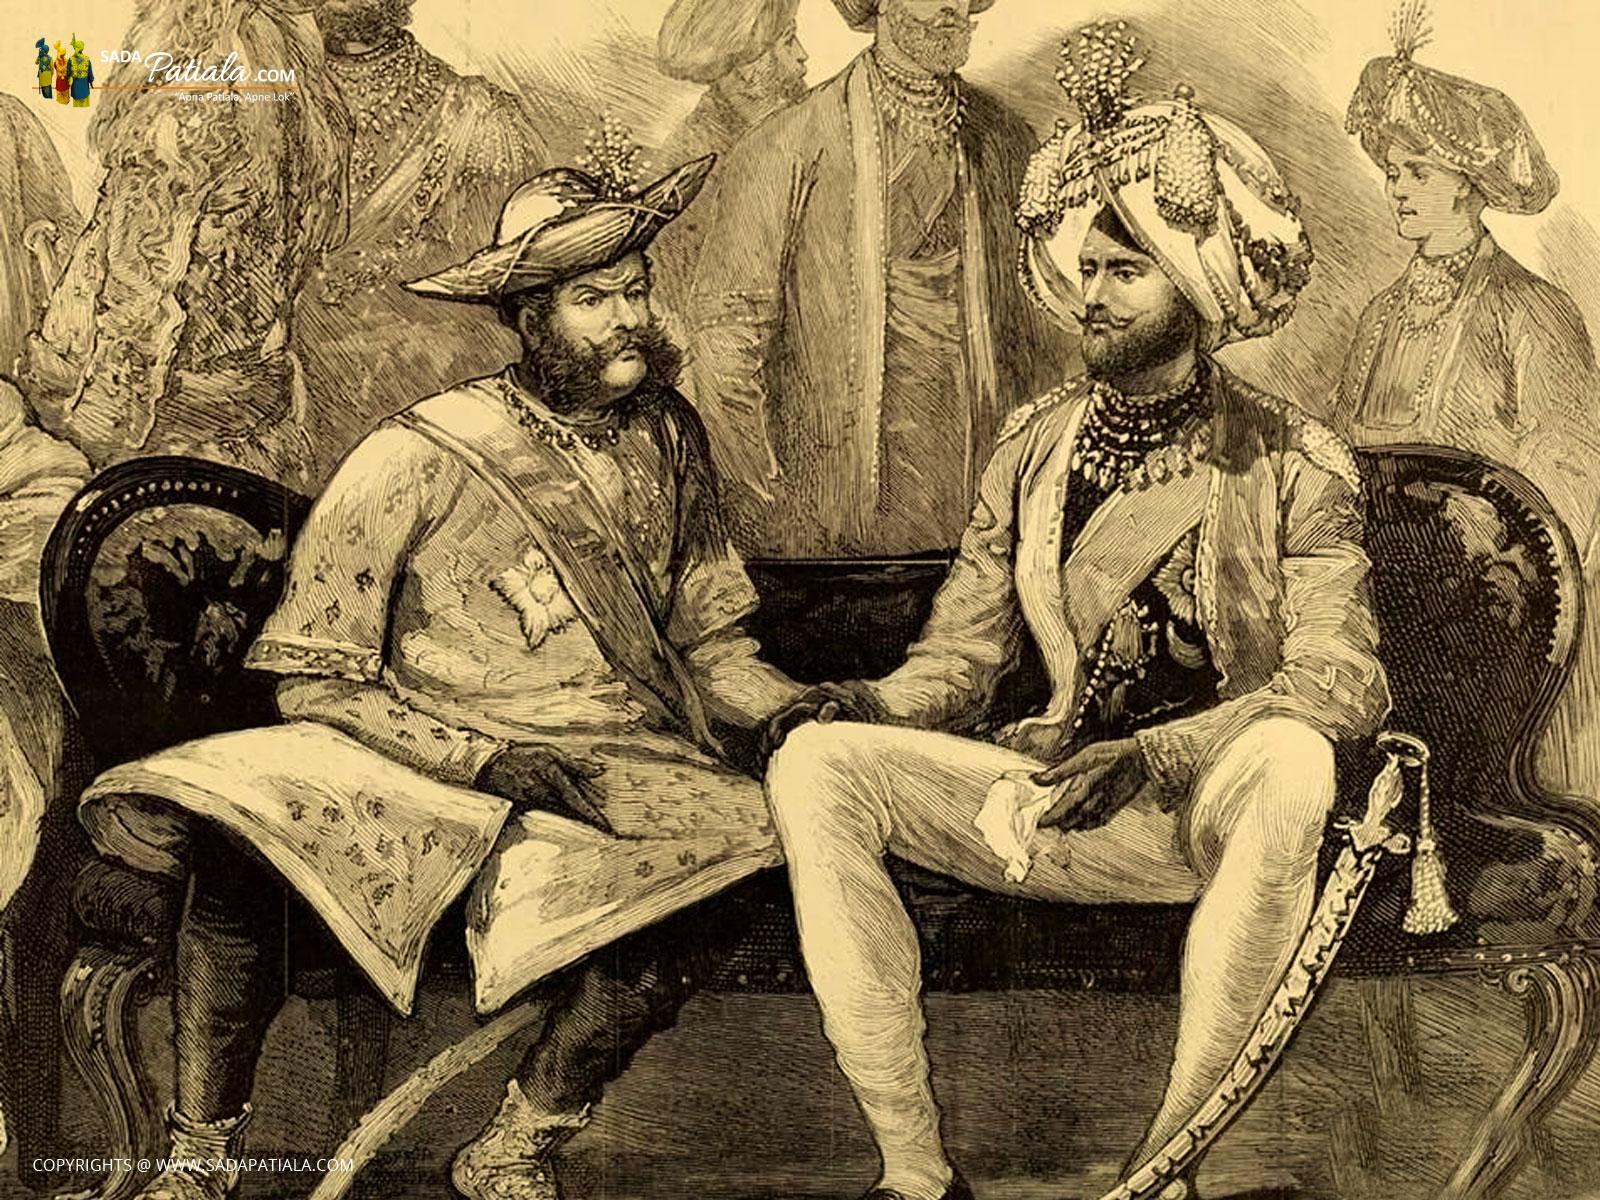 Maharaja of Patiala